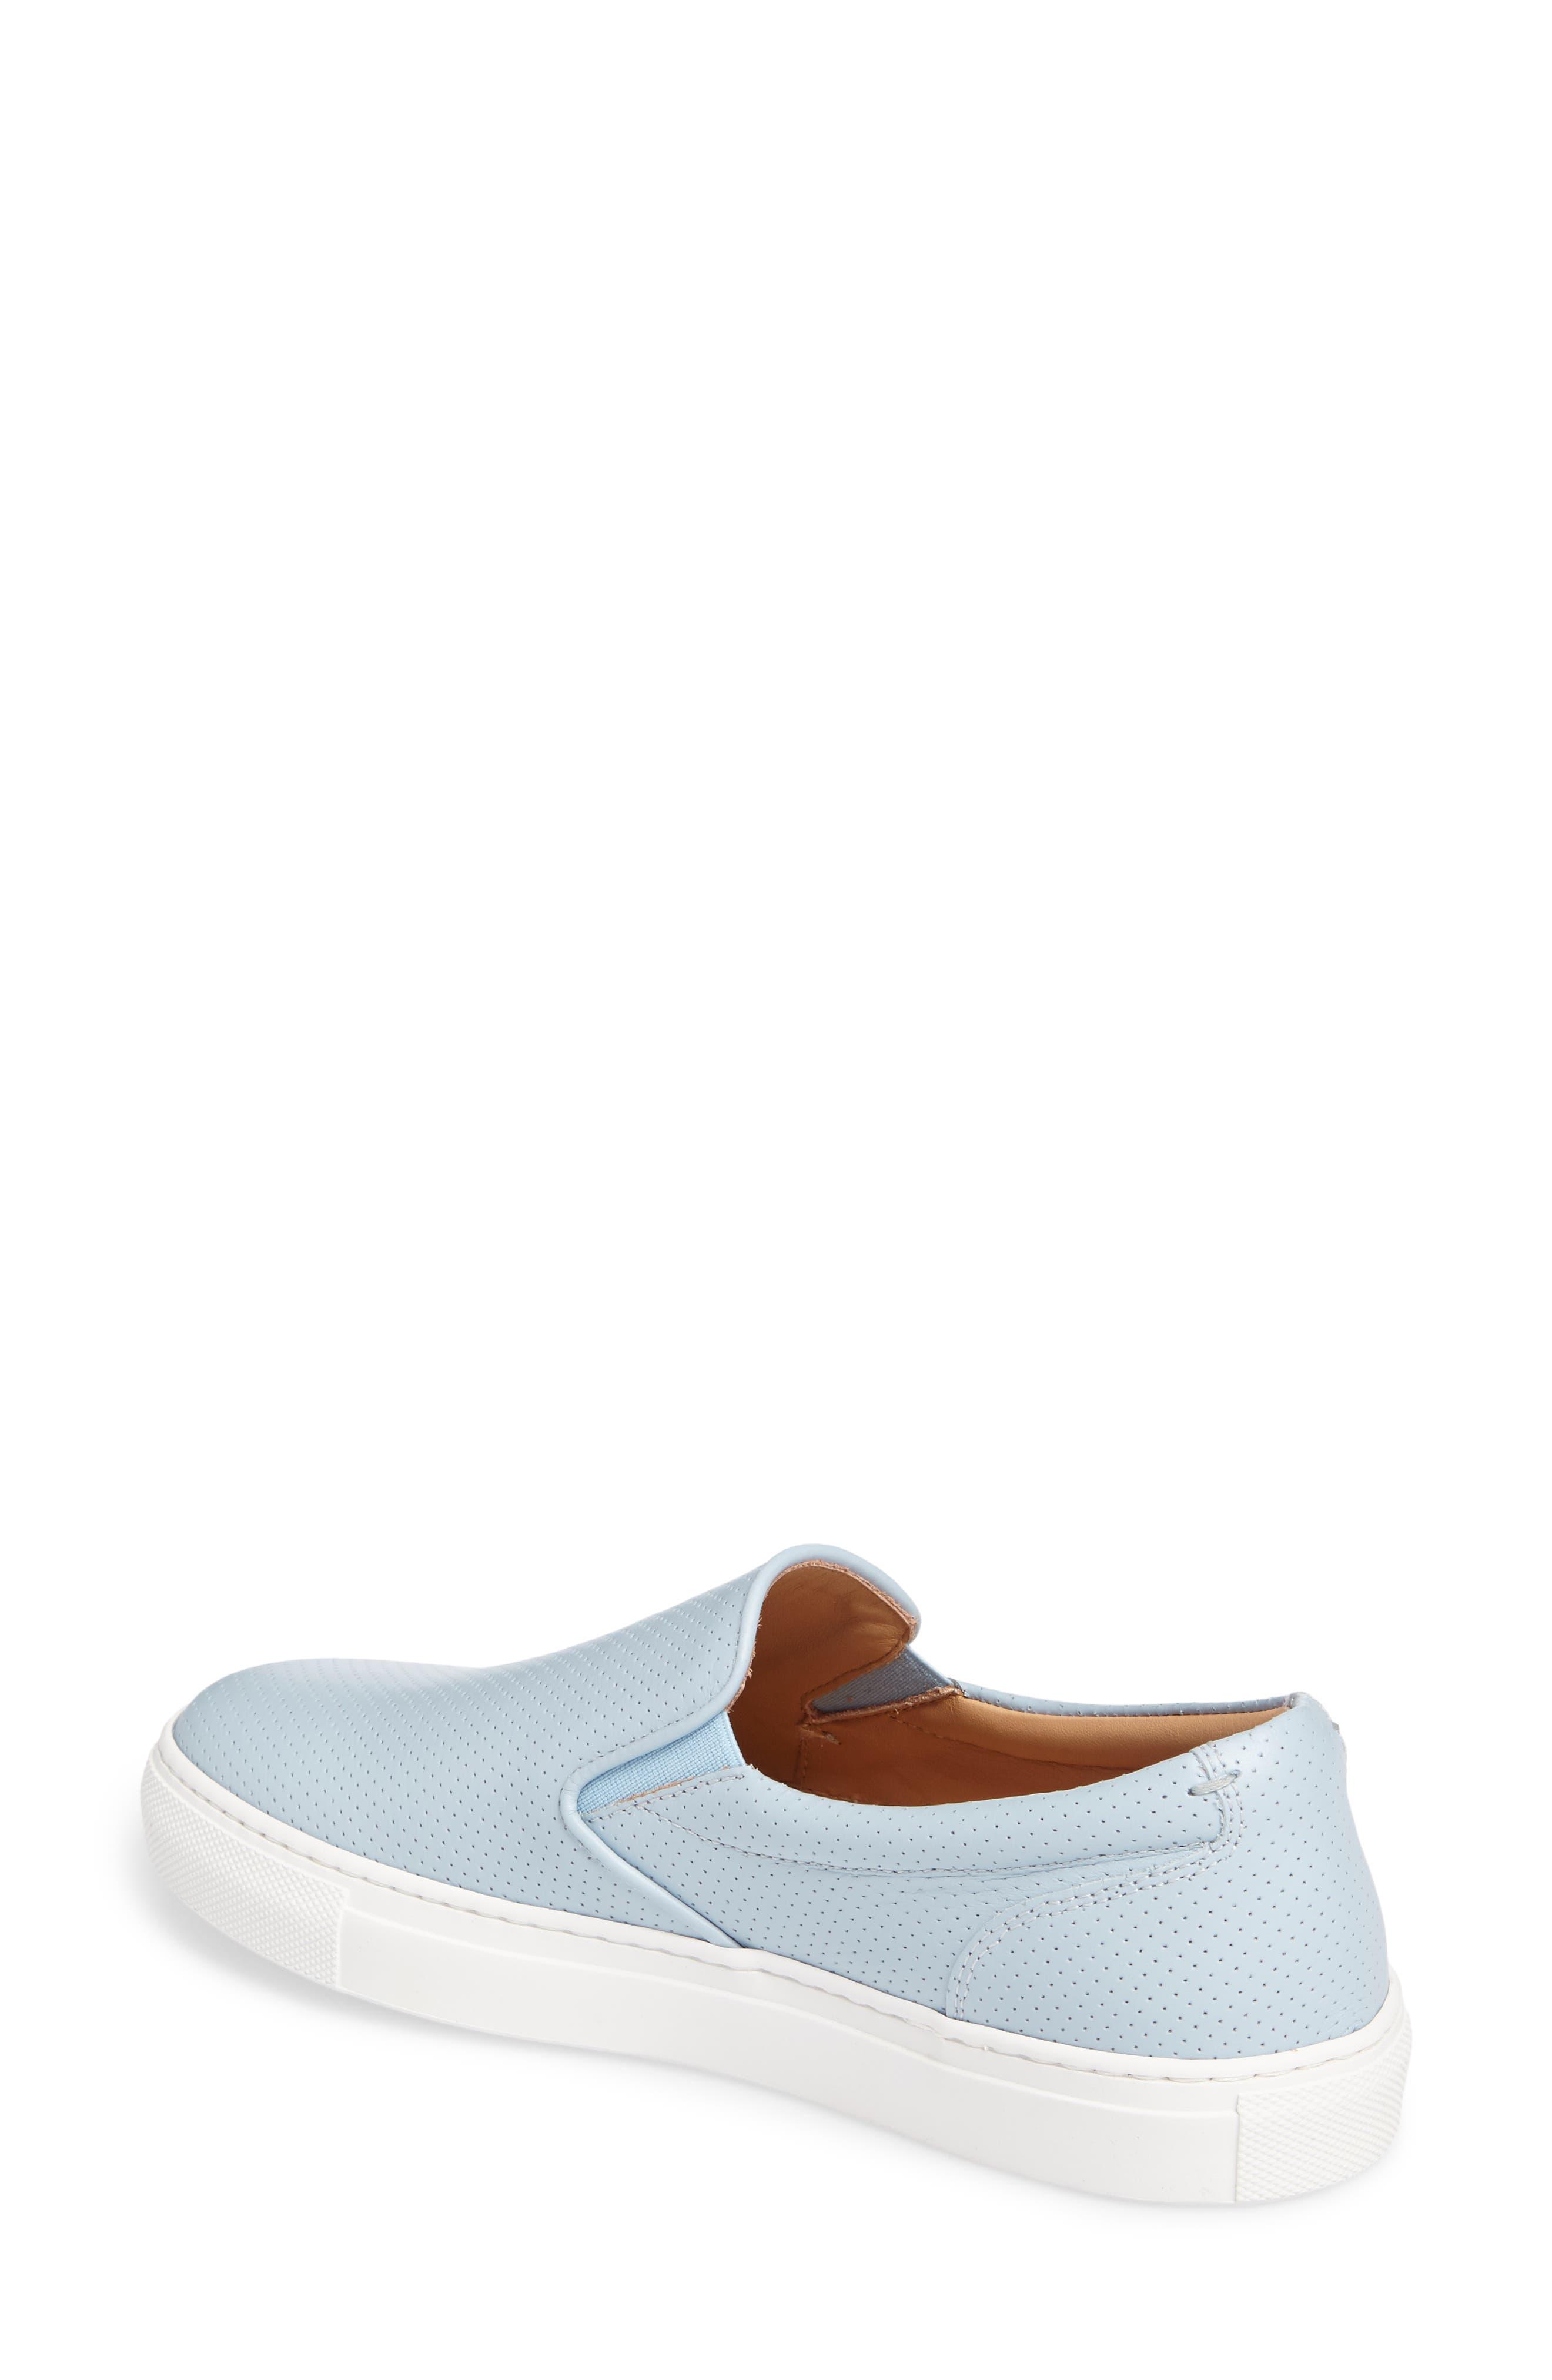 Alternate Image 2  - Greats Wooster Slip-On Sneaker (Women)